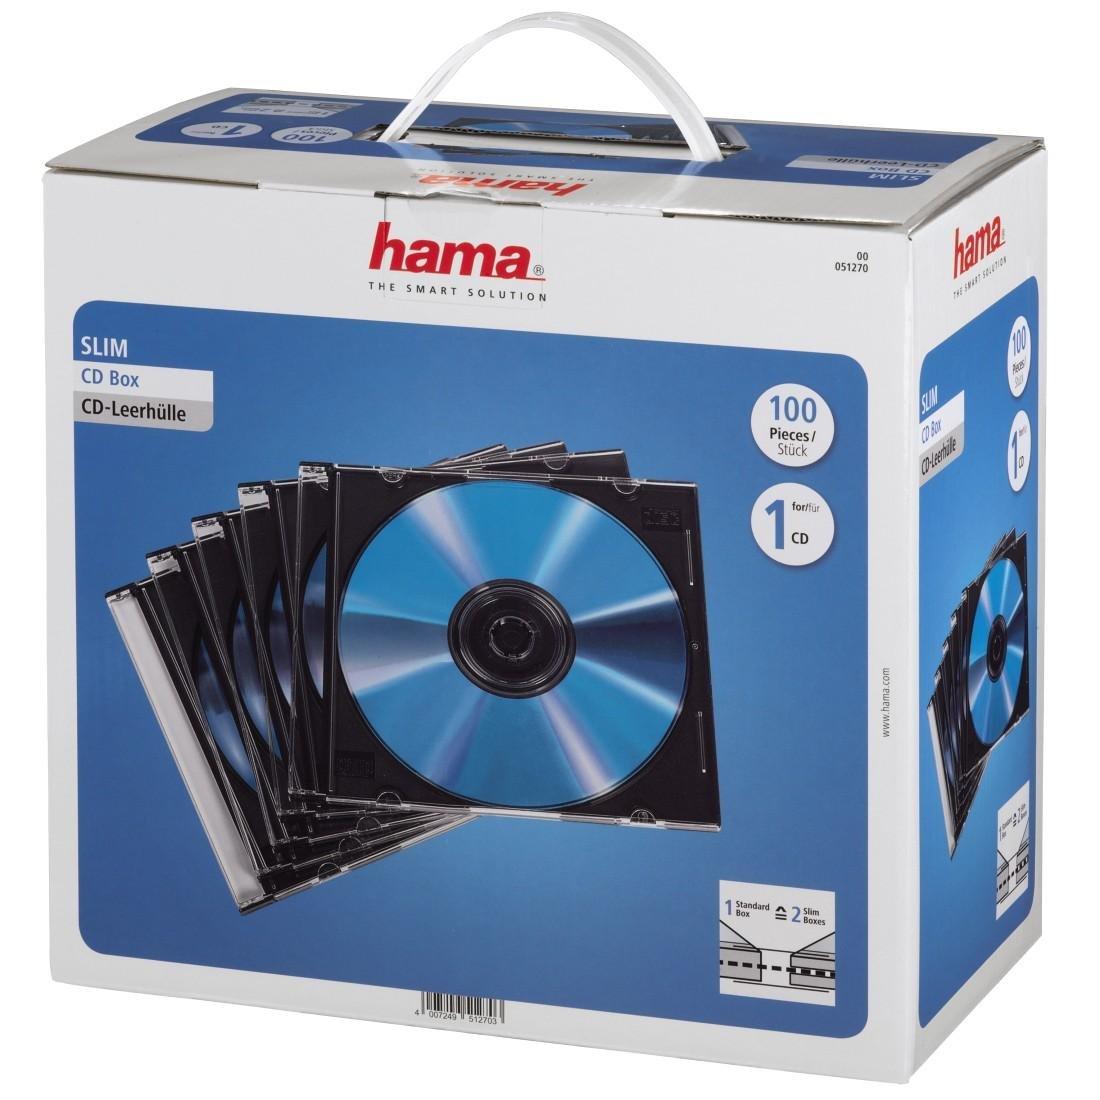 Hama CD Slim Carcasa S, 100 Piezas: Amazon.es: Informática